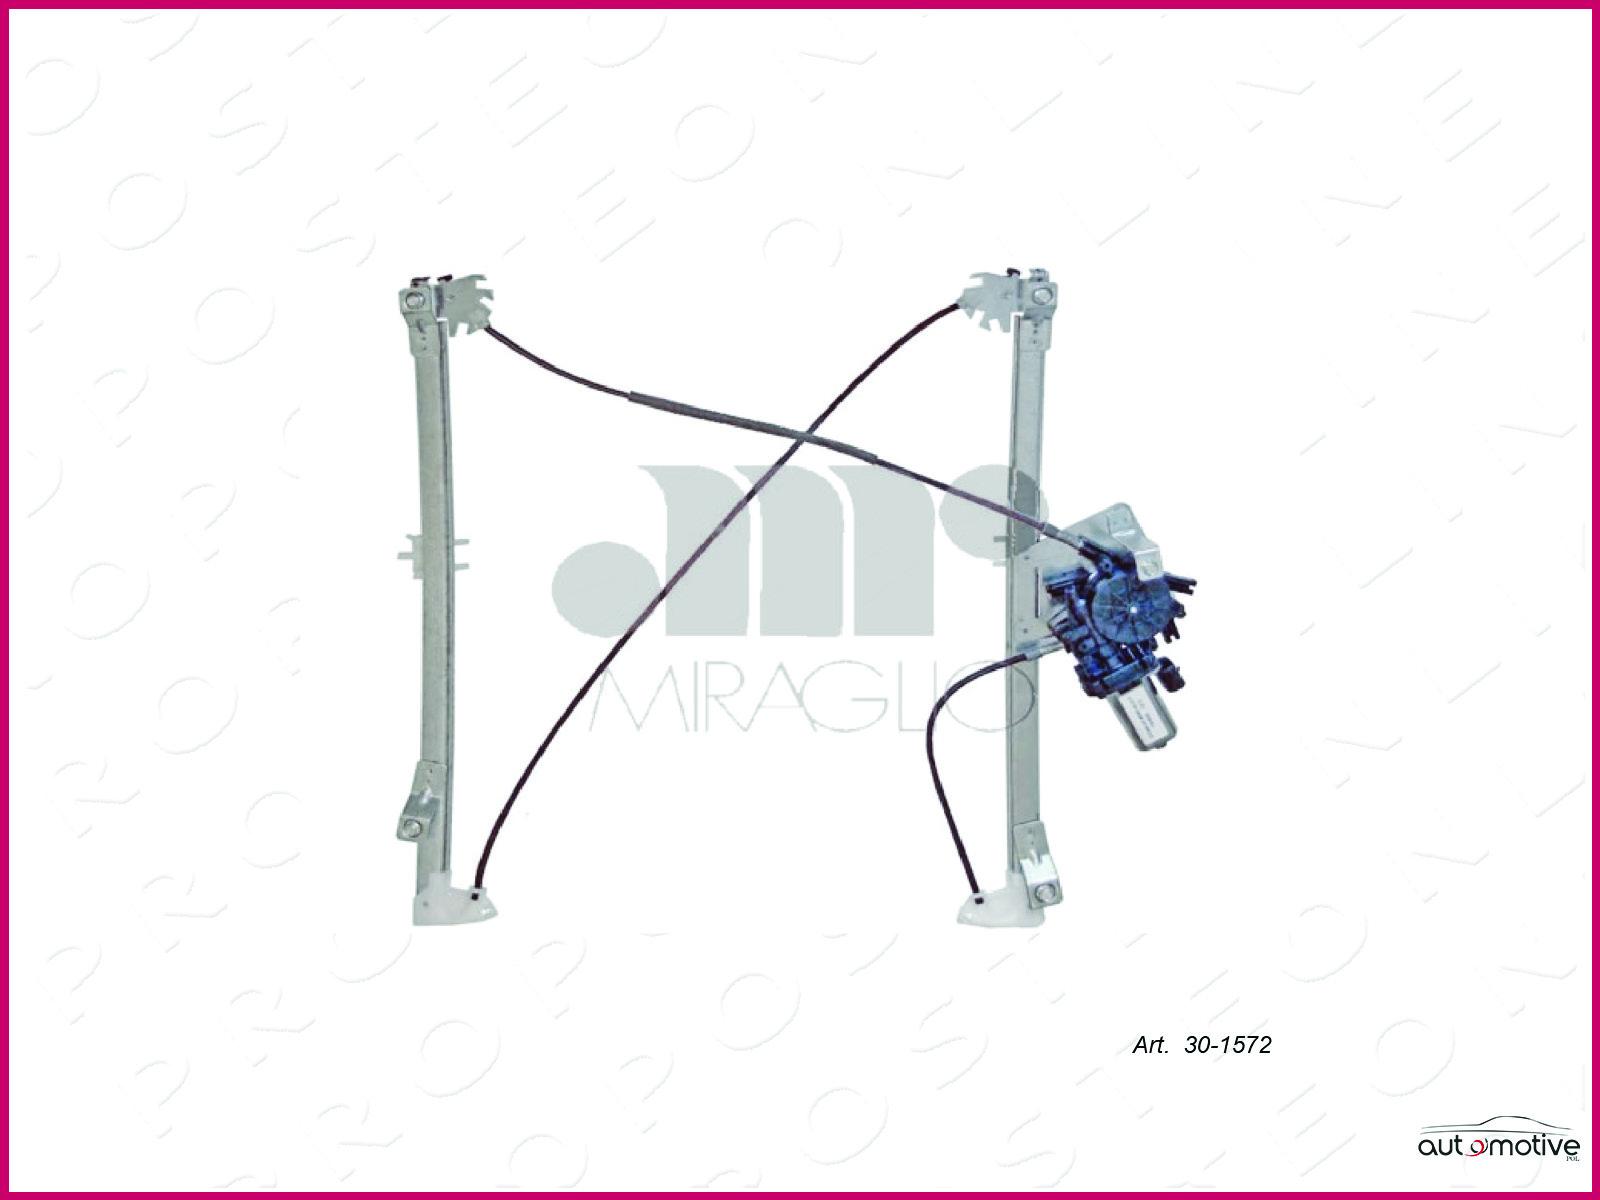 Leve-vitre-Vitres-Electriques-Electrique-Anterieure-Droite-BMW-X5-E53-5P-1999